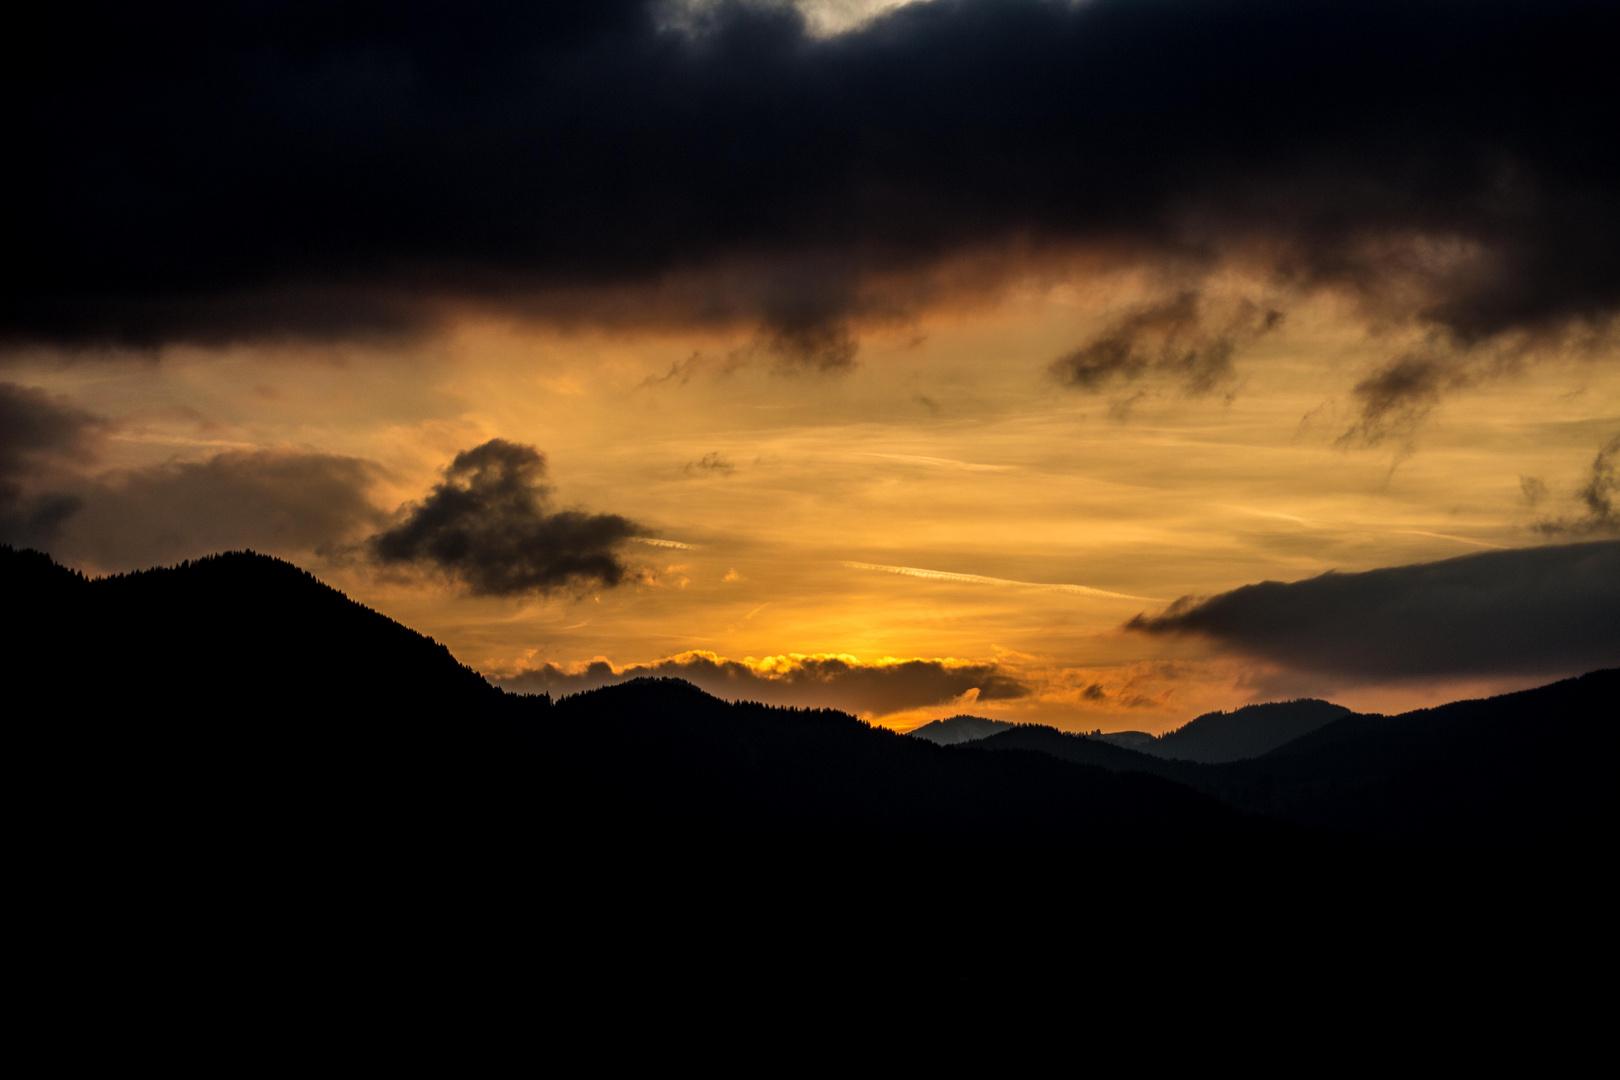 Sunset à la Spotz